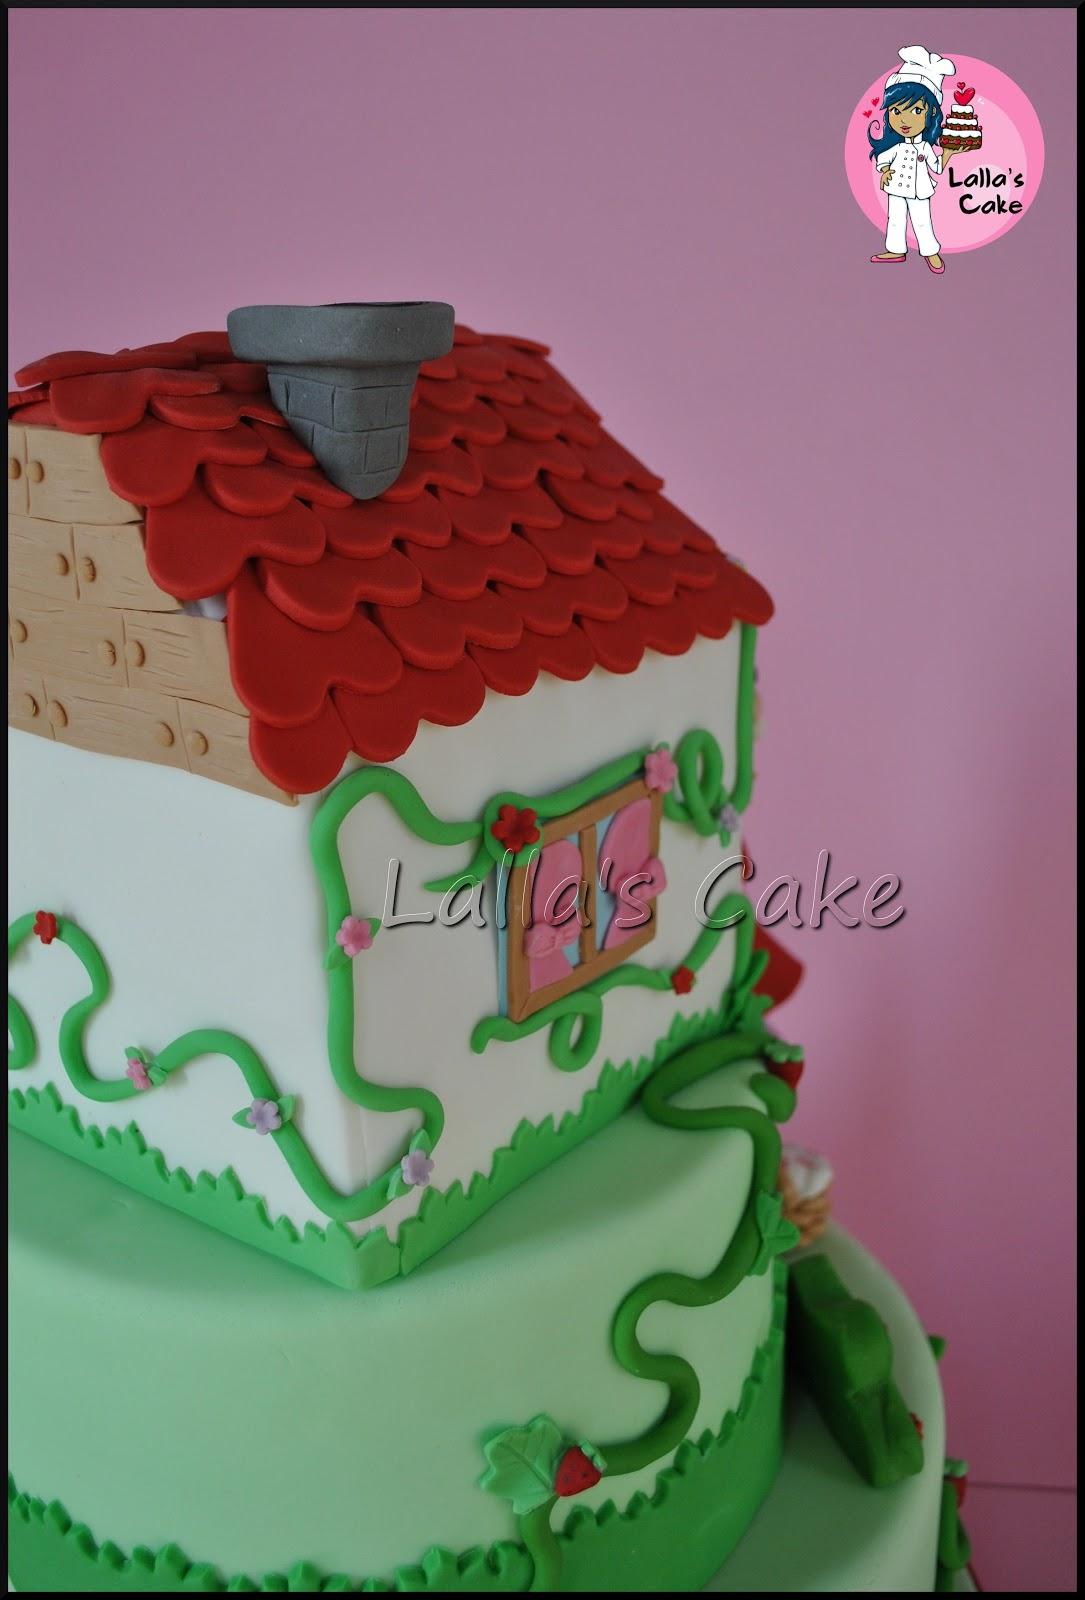 Rivista Cake Design Renato : Cappuccetto Rosso Cake e il contest di Renato Ardovino ...